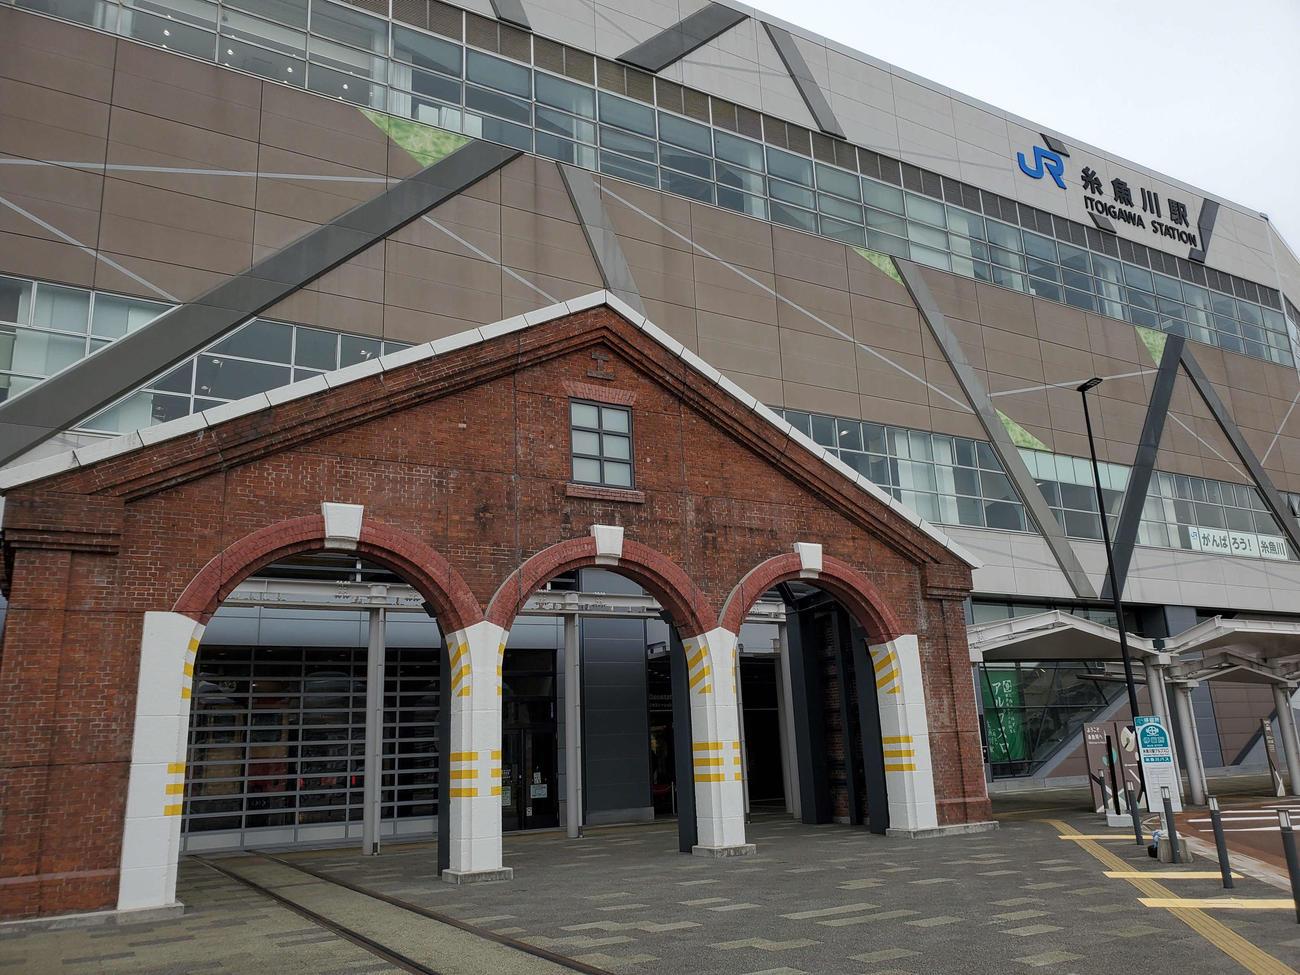 〈4〉糸魚川駅のアルプス口には駅の代名詞だったレンガ車庫の壁が残されている